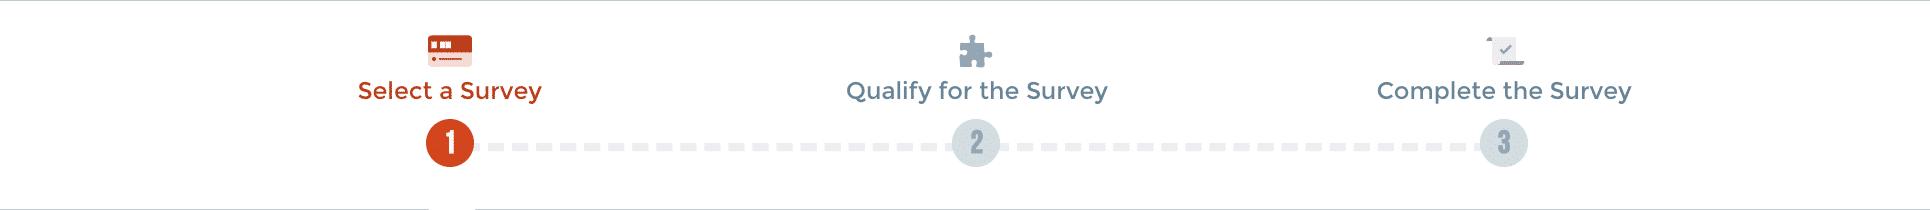 Start a Survey on Branded Surveys